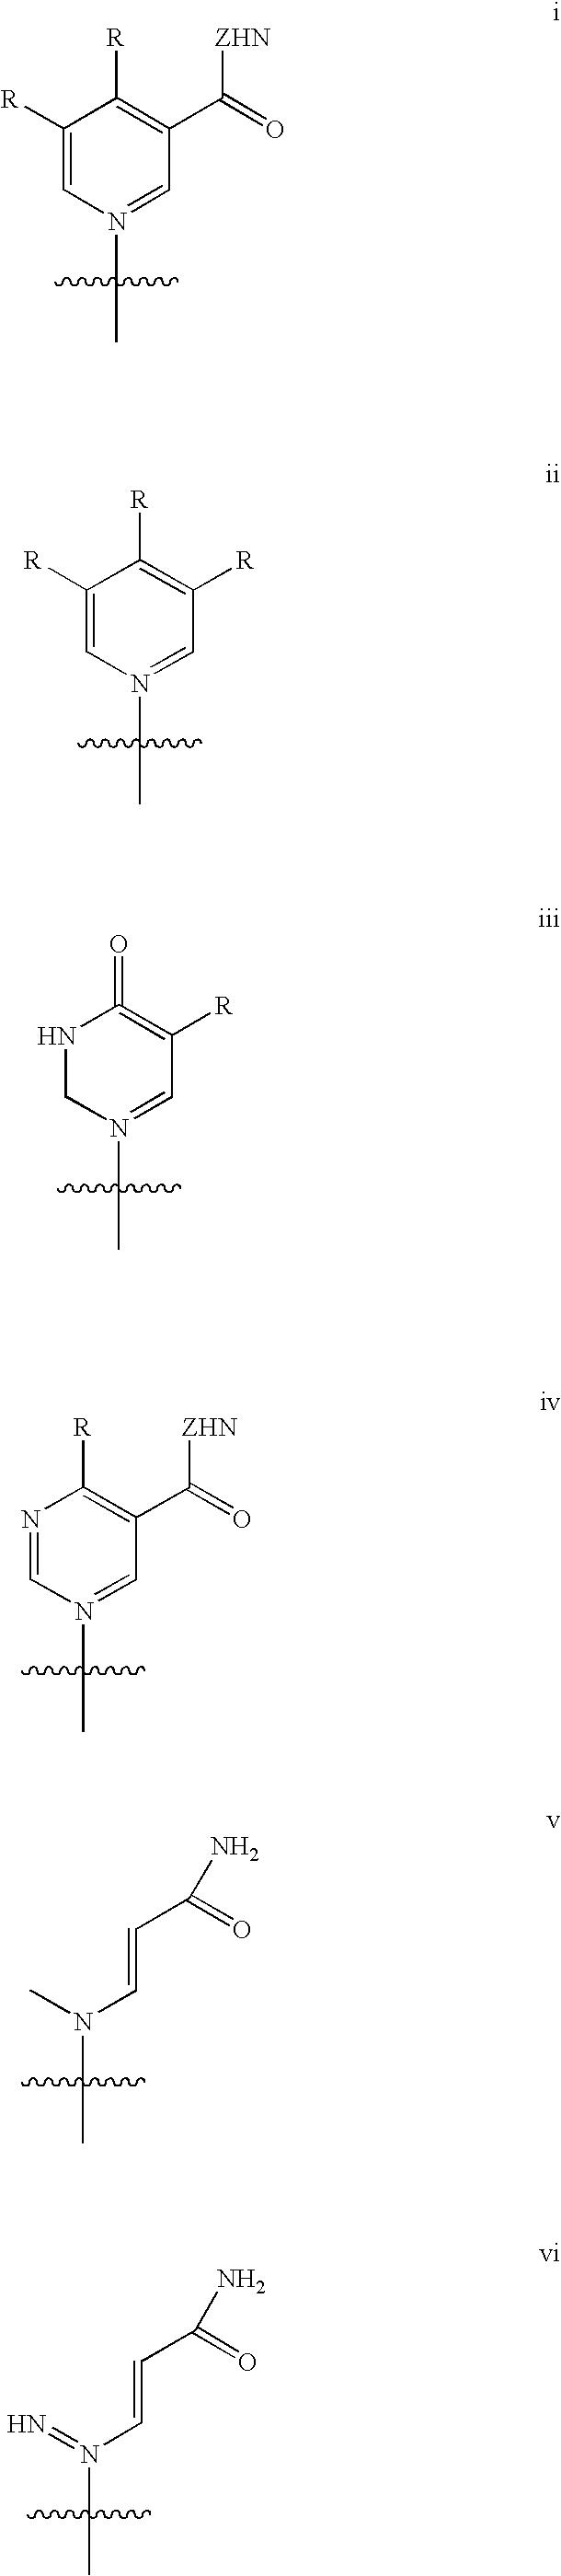 Figure US08242171-20120814-C00028